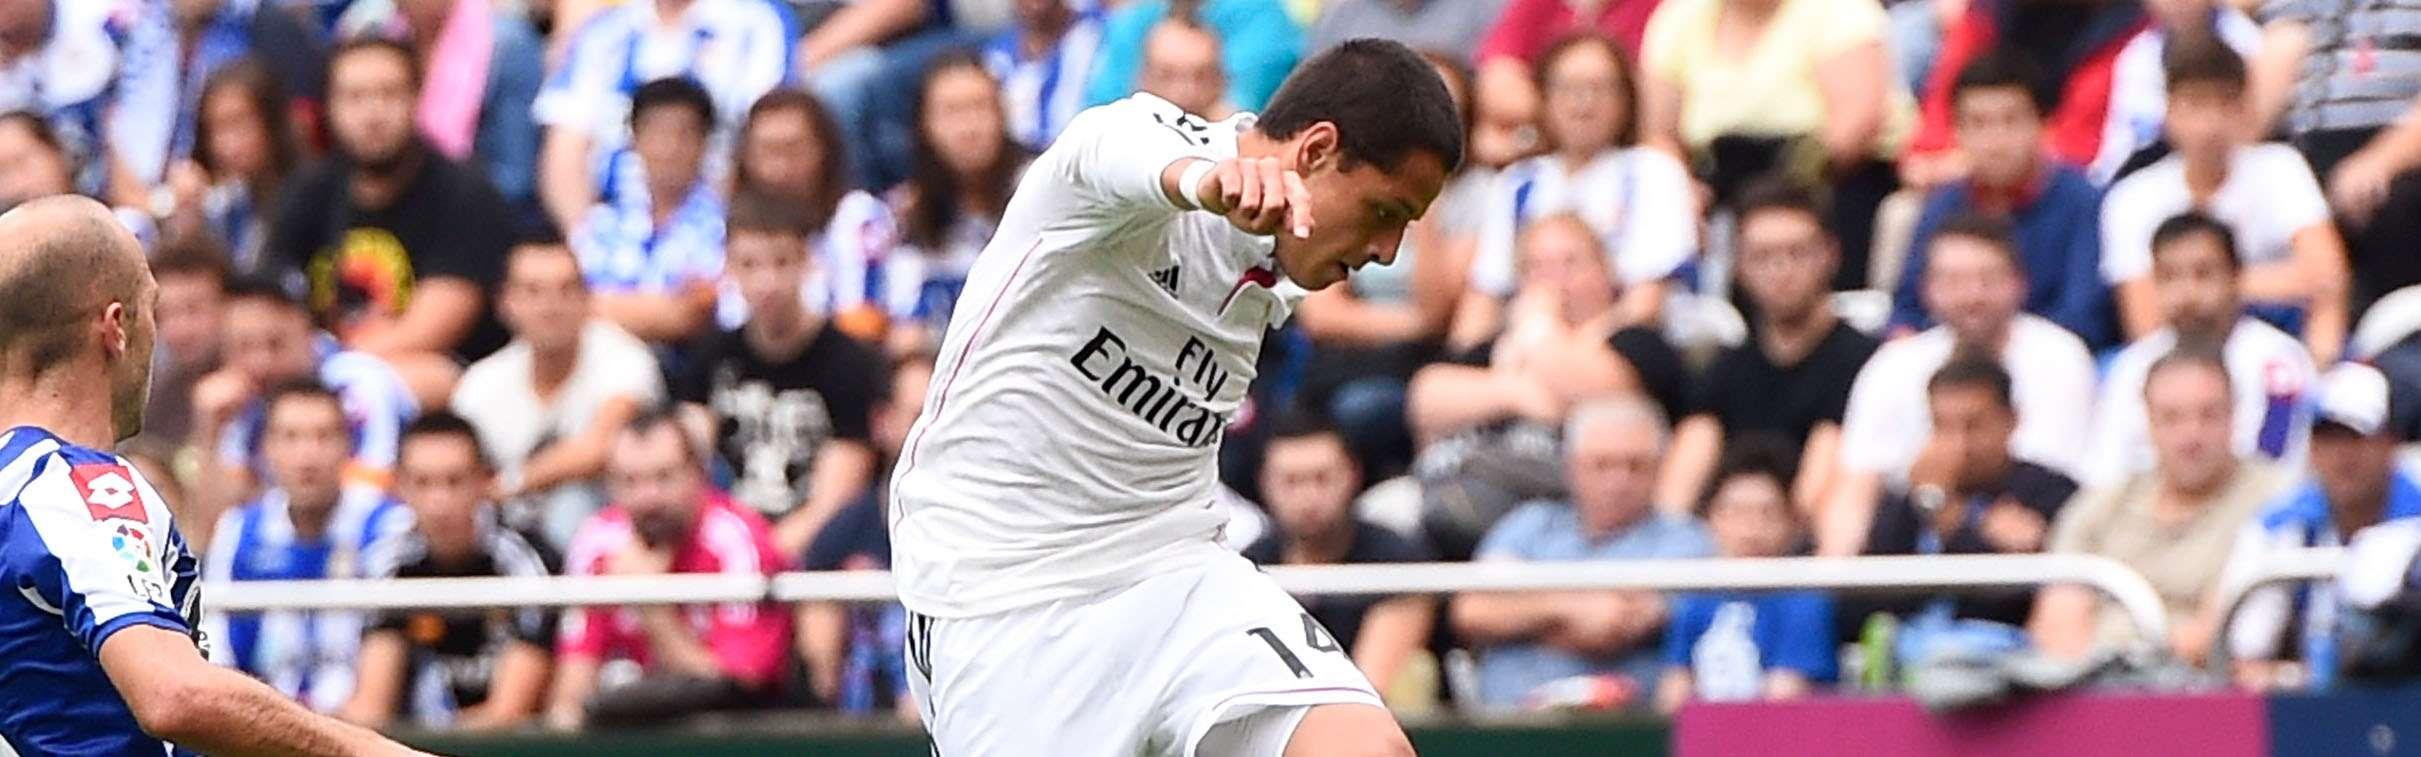 Javier Hernández ha marcado dos goles con Real Madrid. Foto: Getty Images